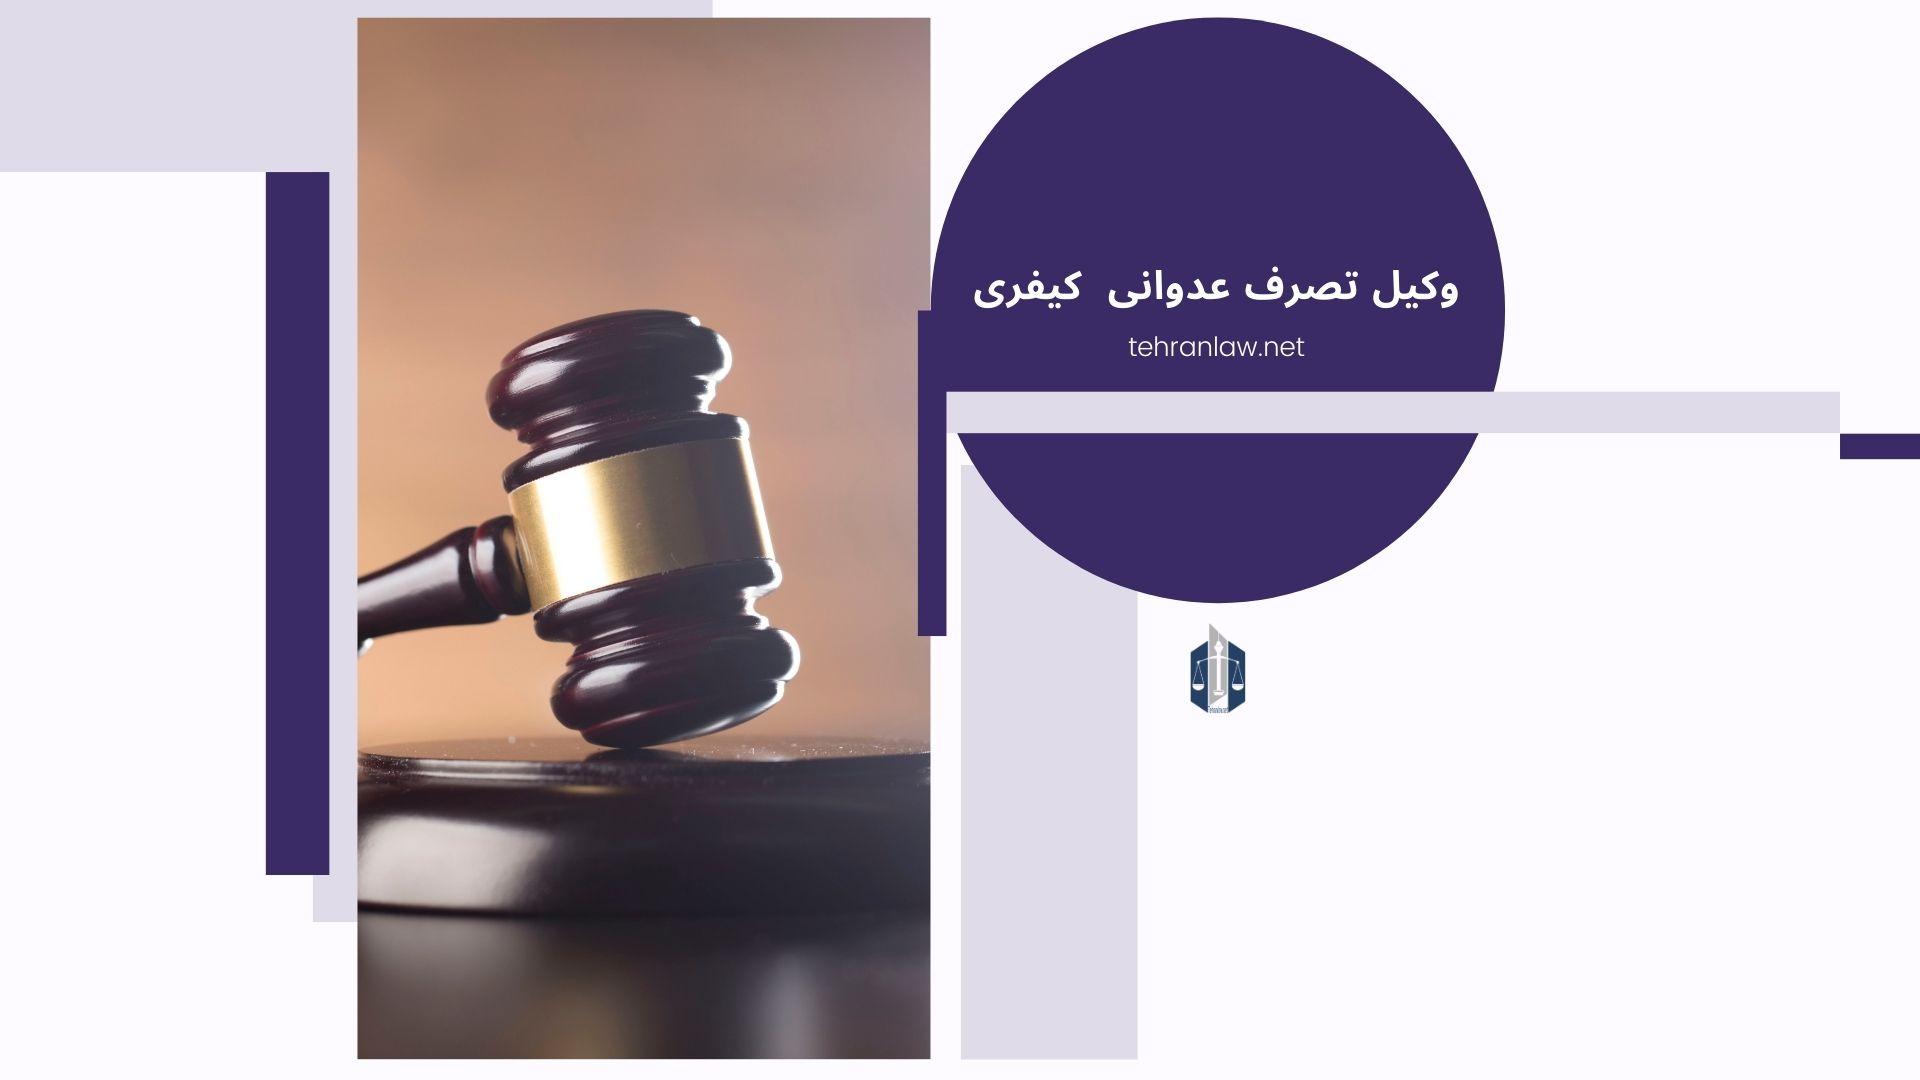 وکیل تصرف عدوانی کیفری